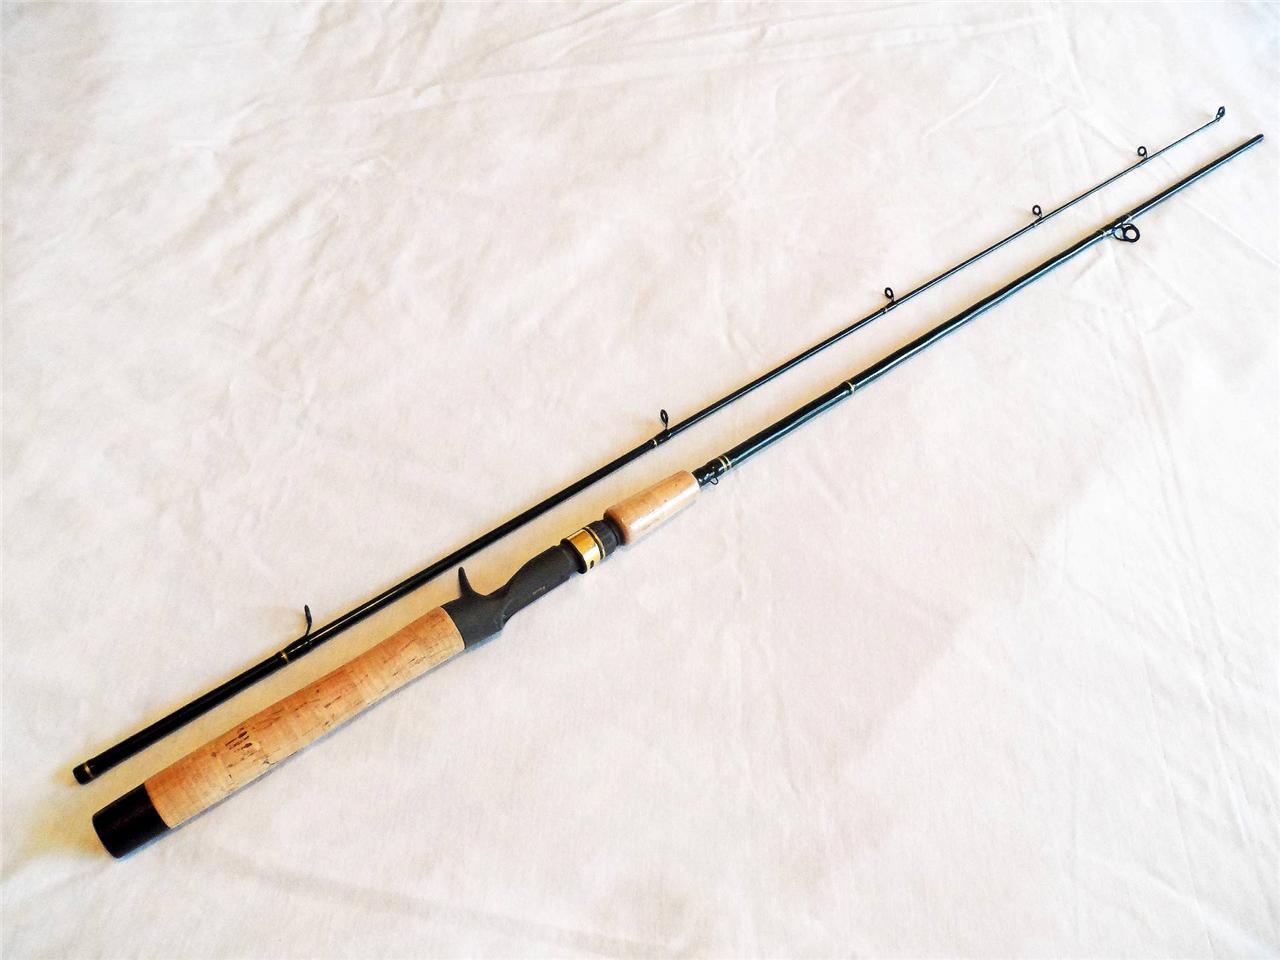 Cabela 39 s fish eagle ii medium casting rod 2 pc 6 39 6 for Cabela s fishing poles